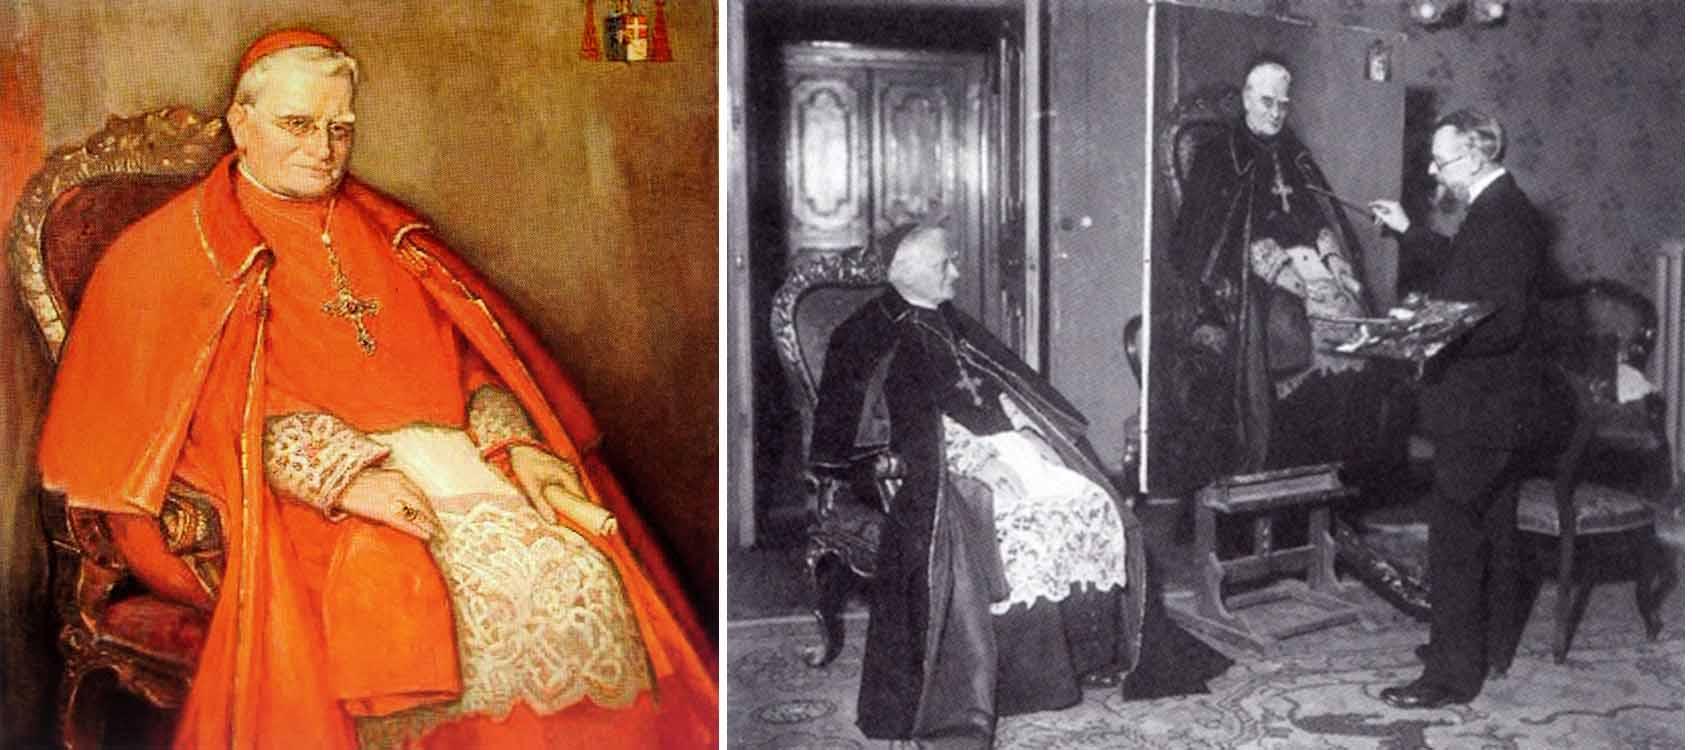 Jan van Delft aan het werk in Rome tijdens het schilderen van het portret van kardinaal W.M. van Rossum. fotograaf onbekend